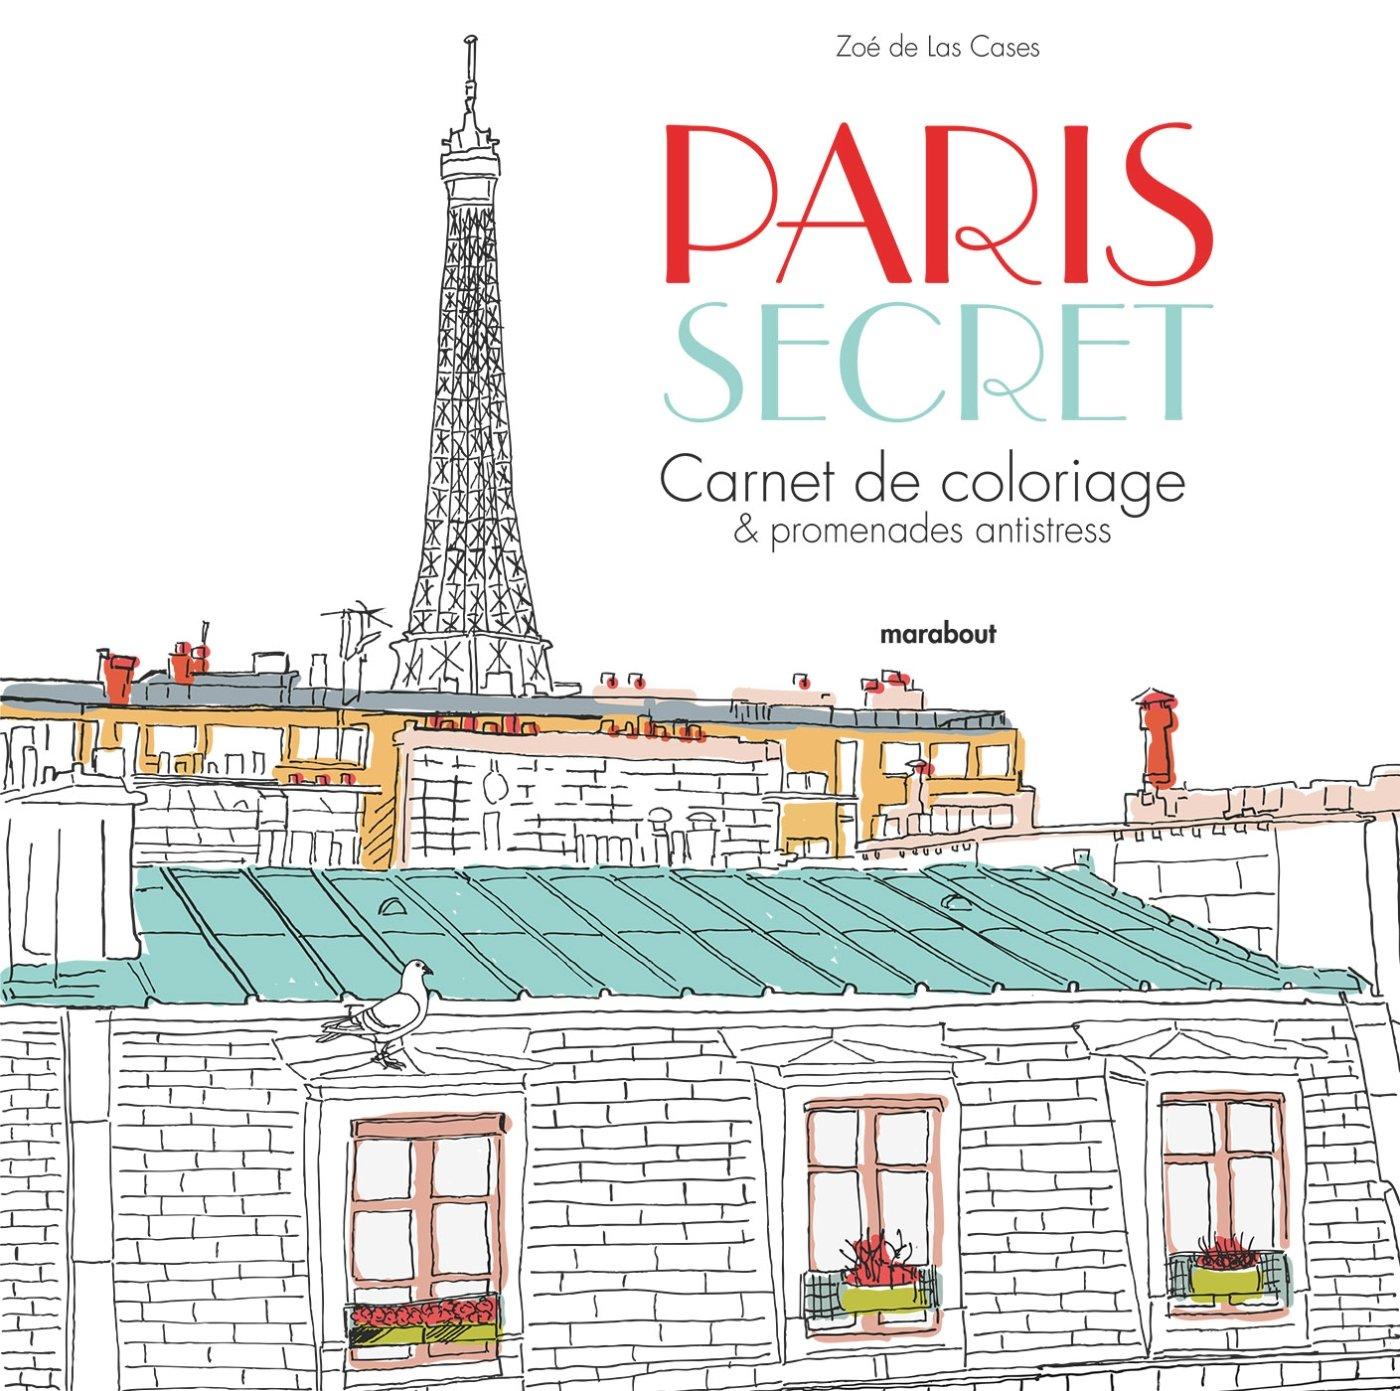 Paris Secret Carnet De Coloriage Promenade Anti Stress Amazon Fr Las Cases Zoe De Livres